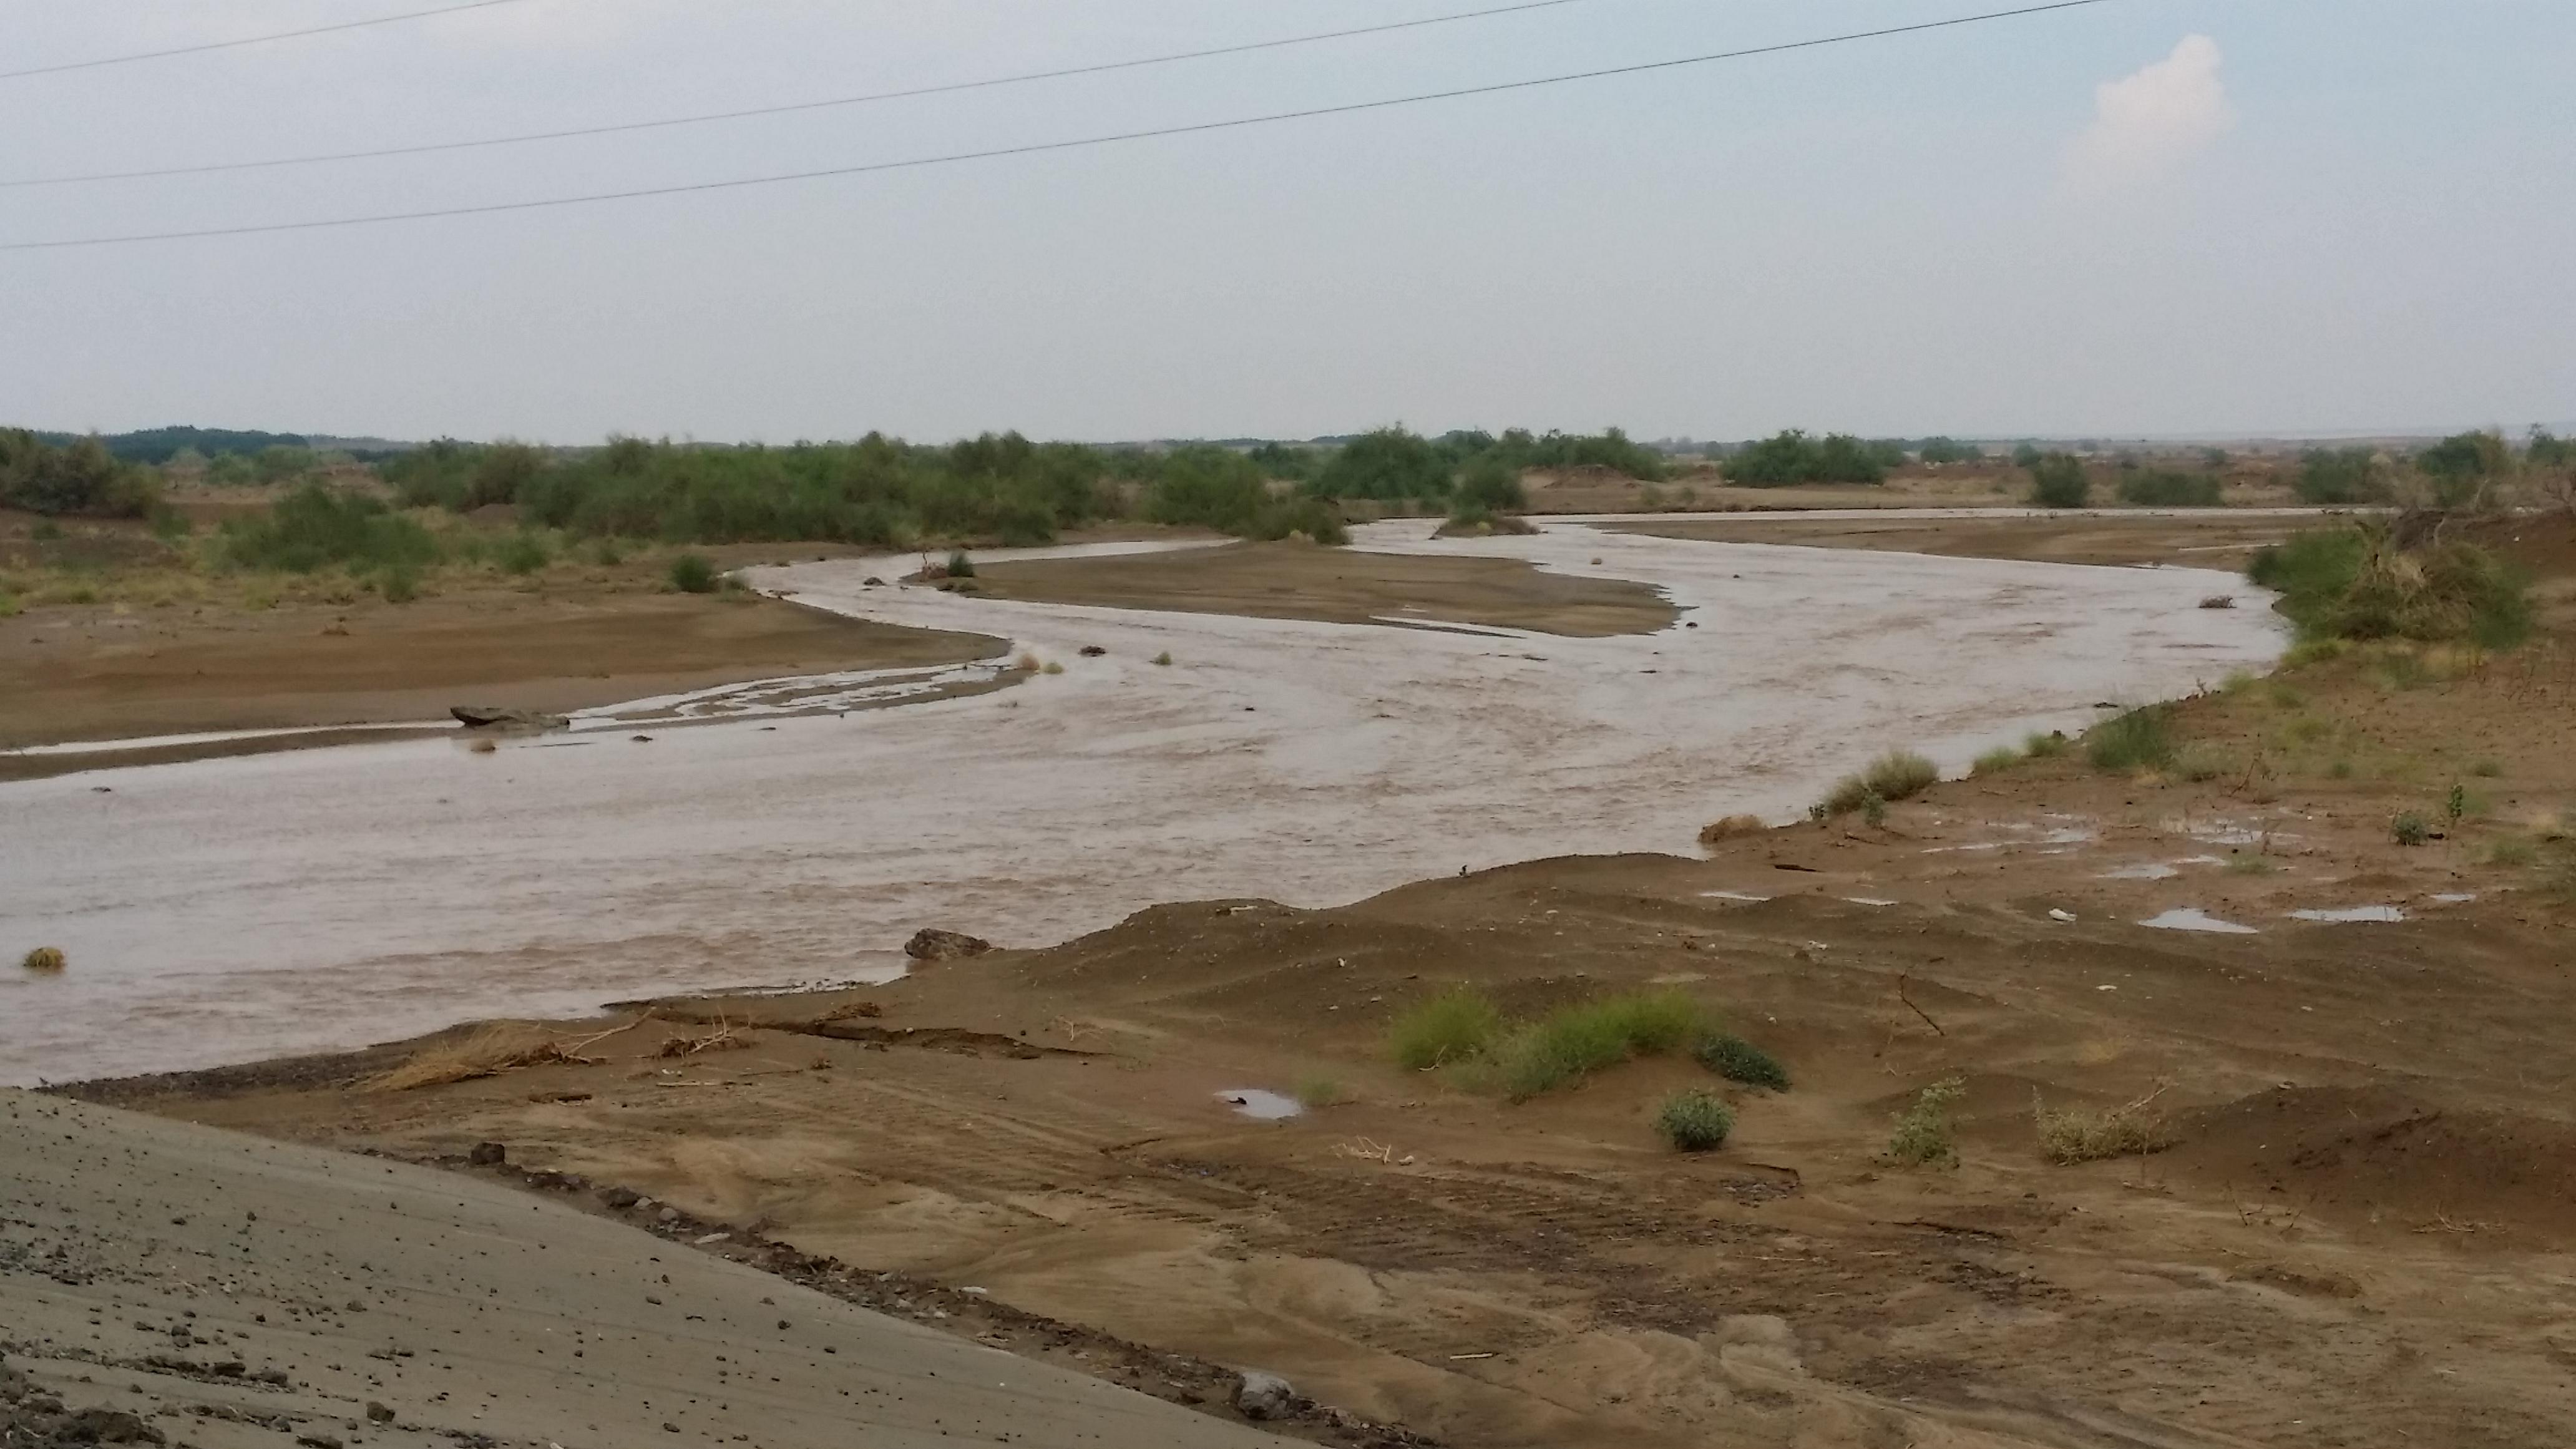 امطار غزيرة تلطف أجواء ساحل عسير (8)